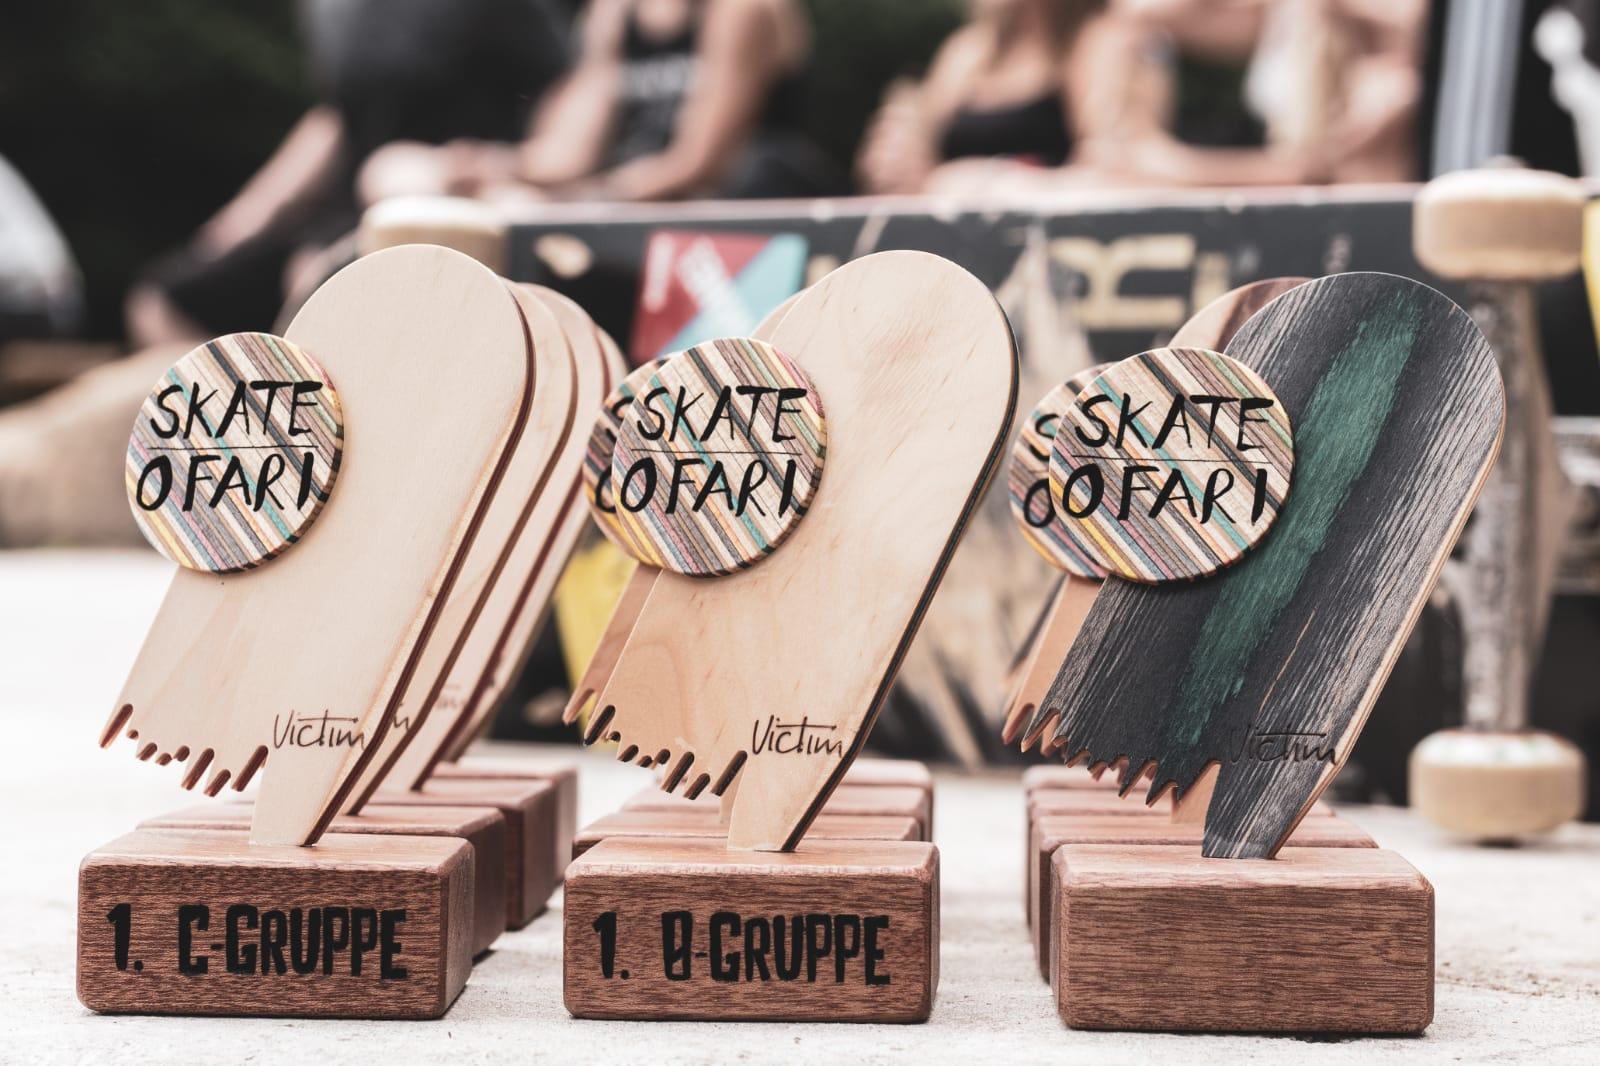 Skate O Fari Jever 2018 Skateboard Pokale